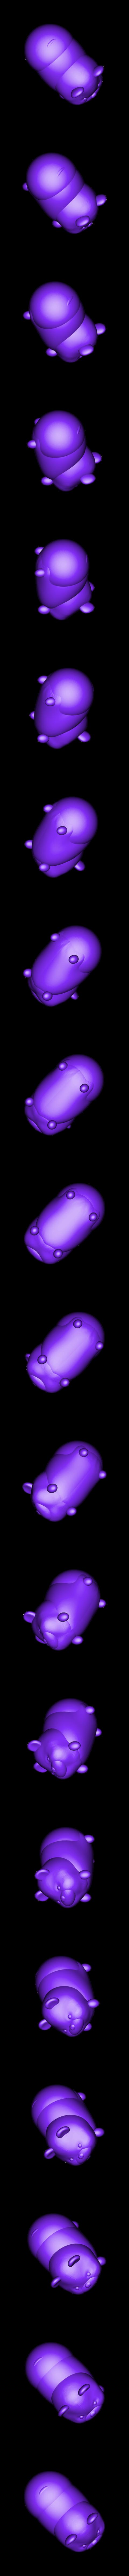 winnie color.stl Download STL file Winnie the Pooh the Pooh • 3D print model, Majin59